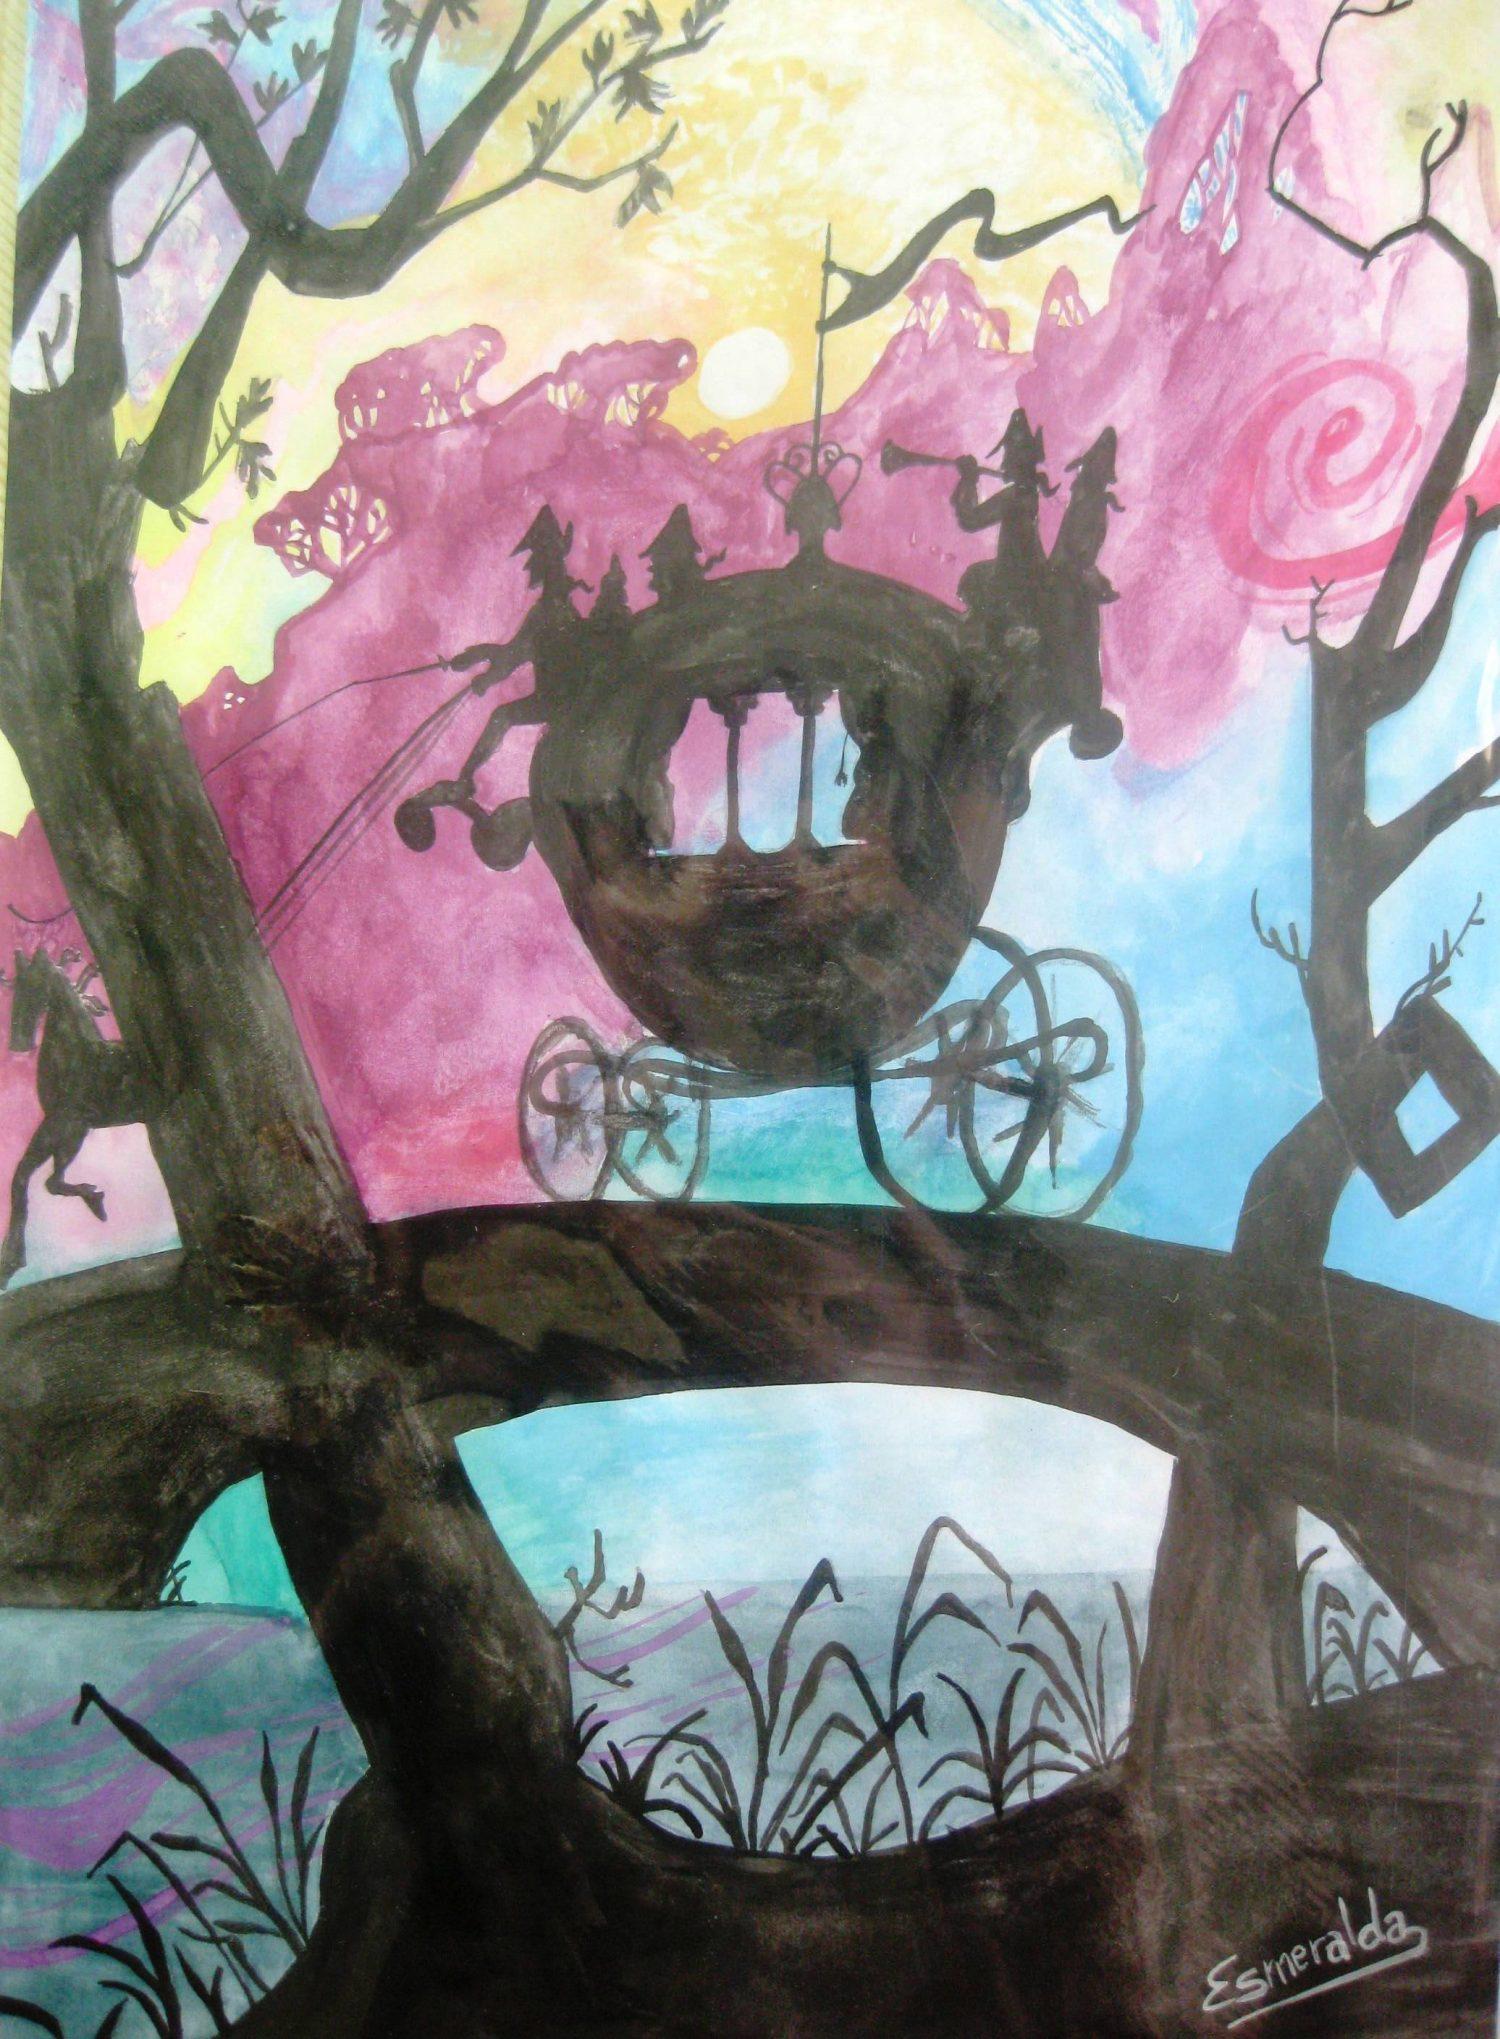 Acuarela sobre A4 inspirada en un cuento infantil. Pintada por Esmeralda